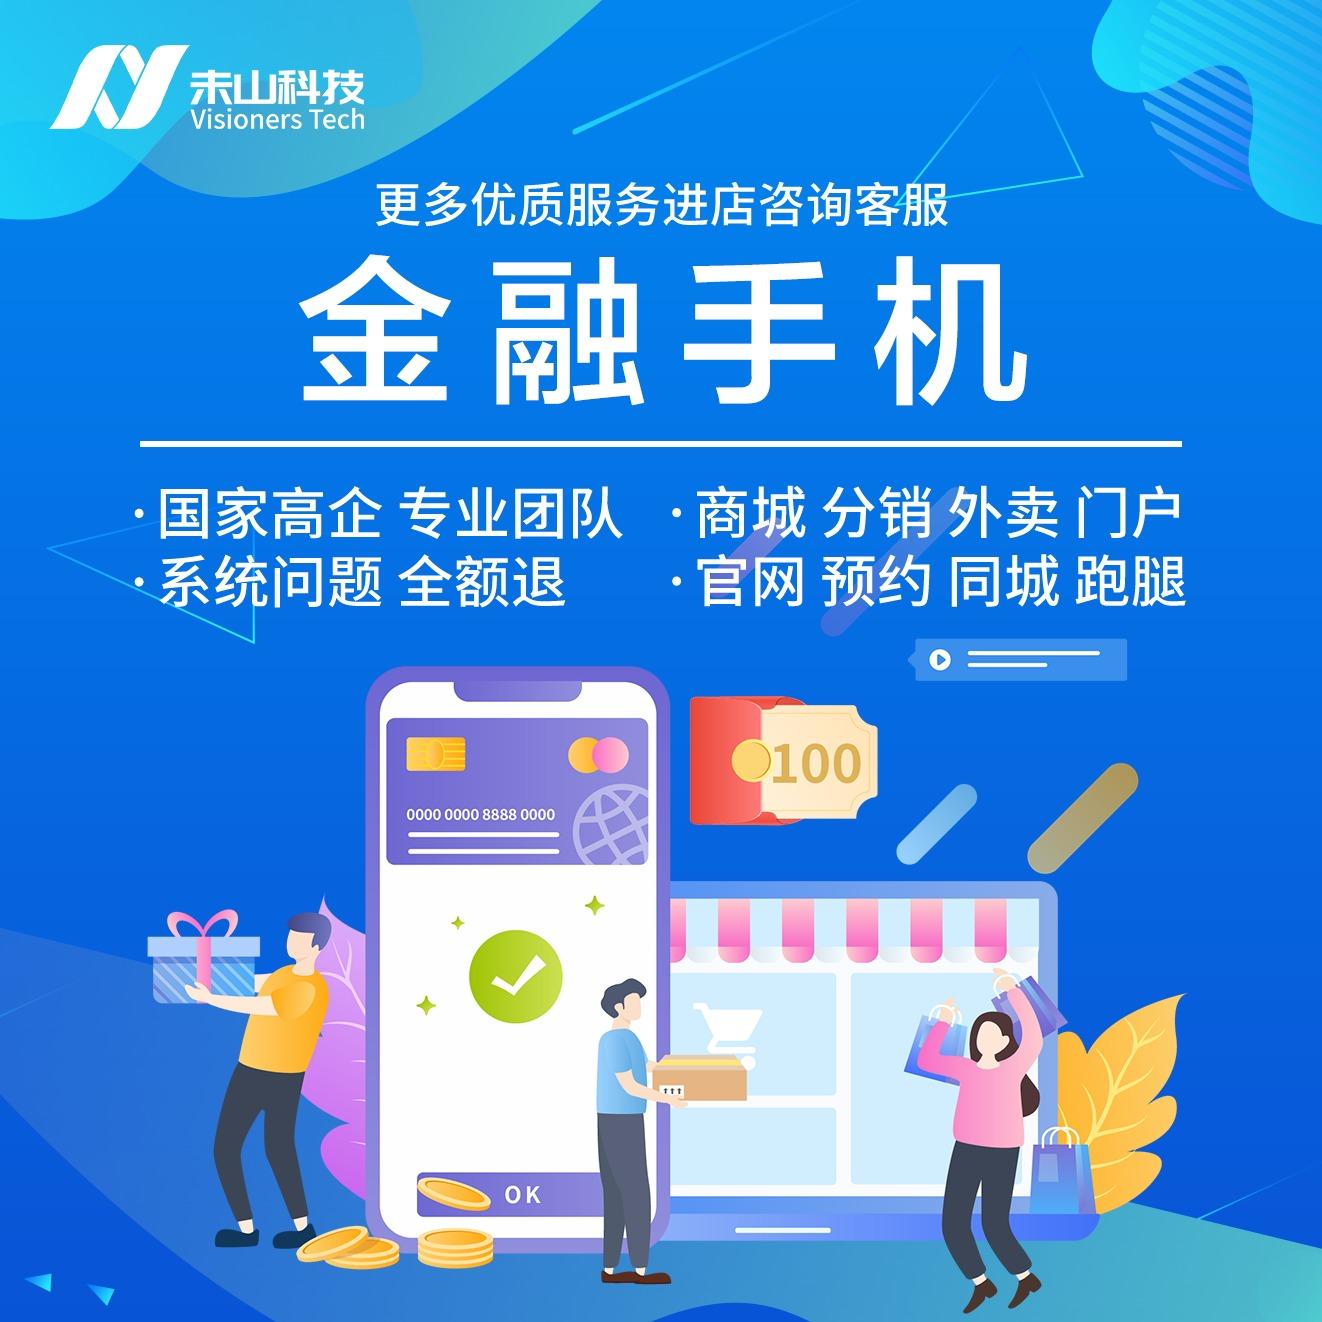 金融手机/P2P/第三方支付/聚合支付/海外支付/visa